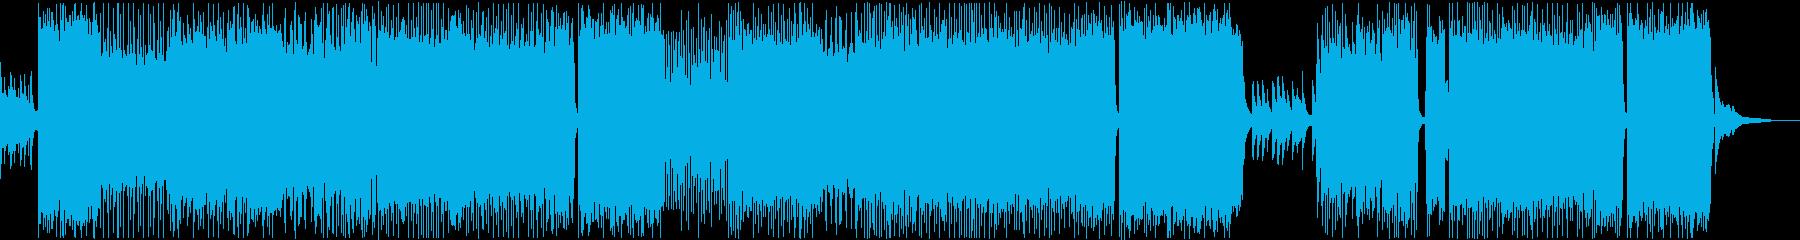 エンディング爽やかで切ないアニソンBGMの再生済みの波形